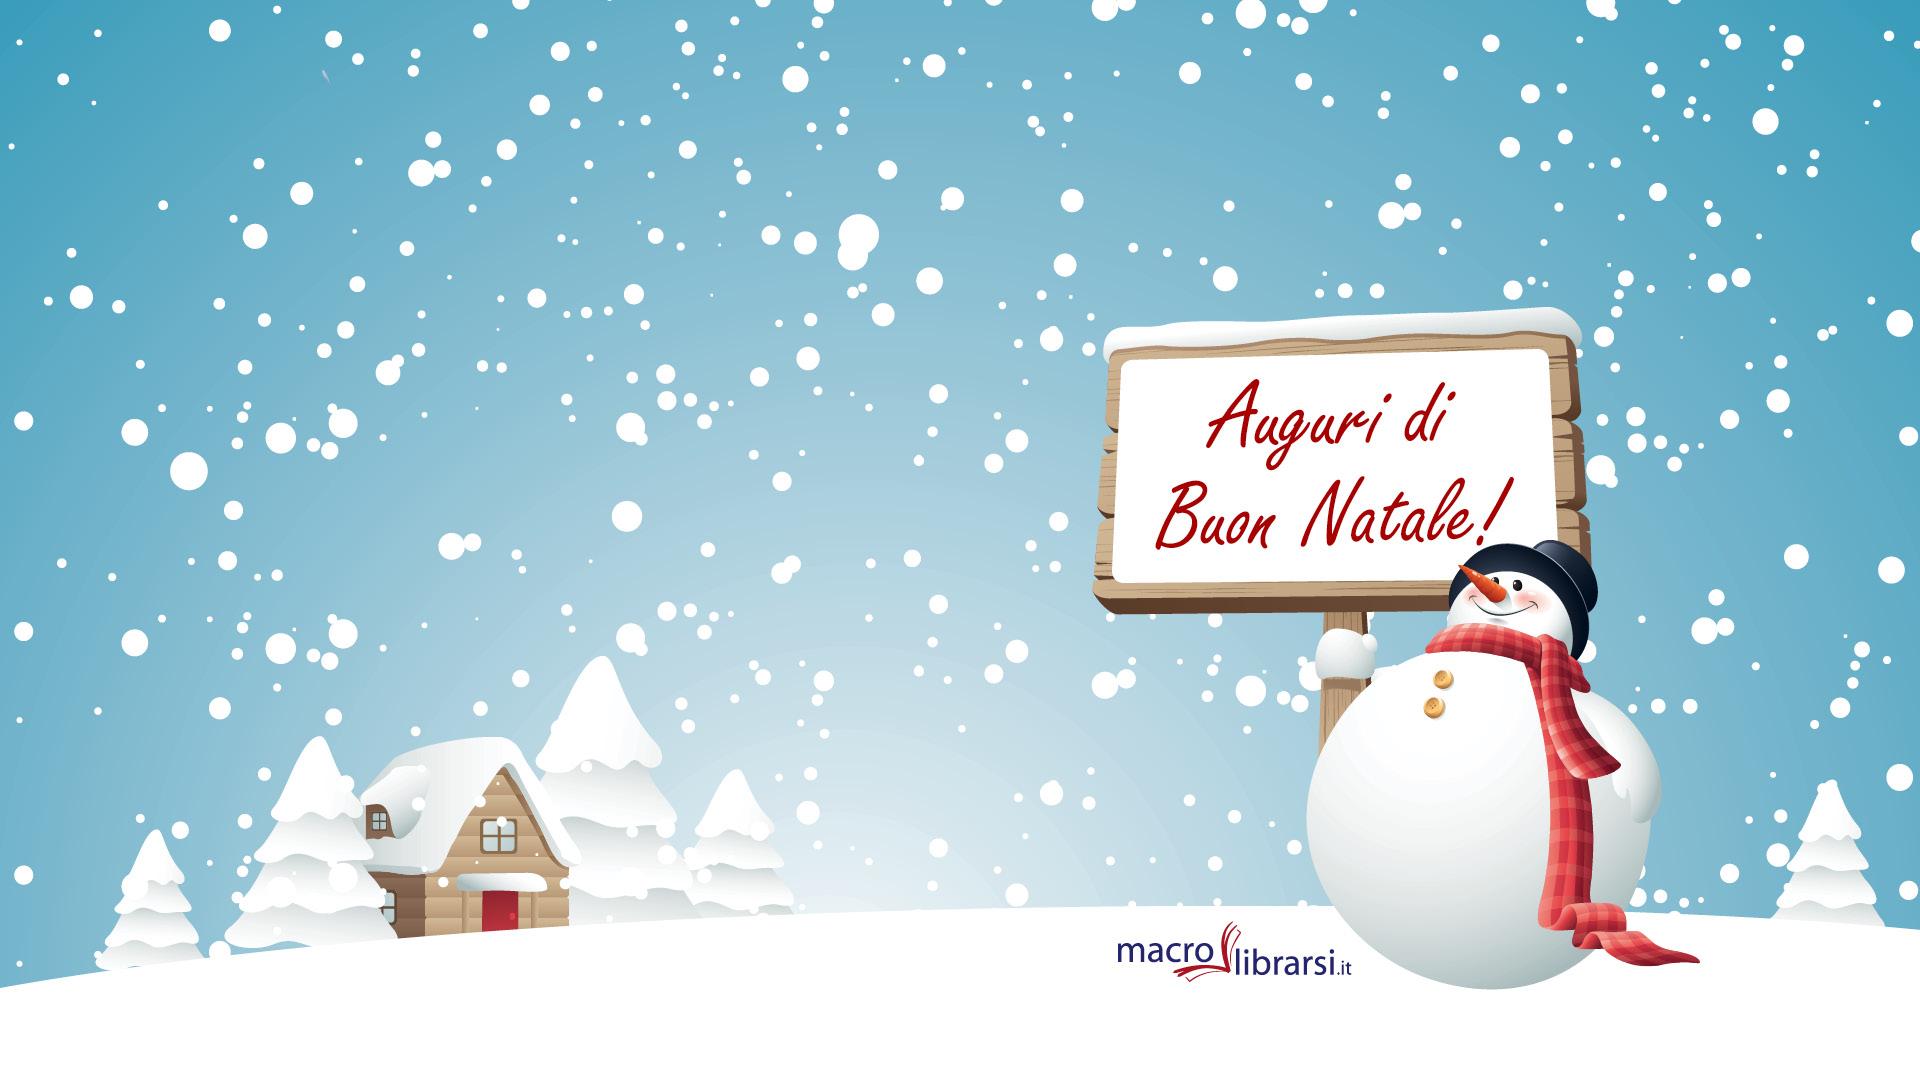 Wallpaper macrolibrarsi buon natale for Sfondi natale 3d